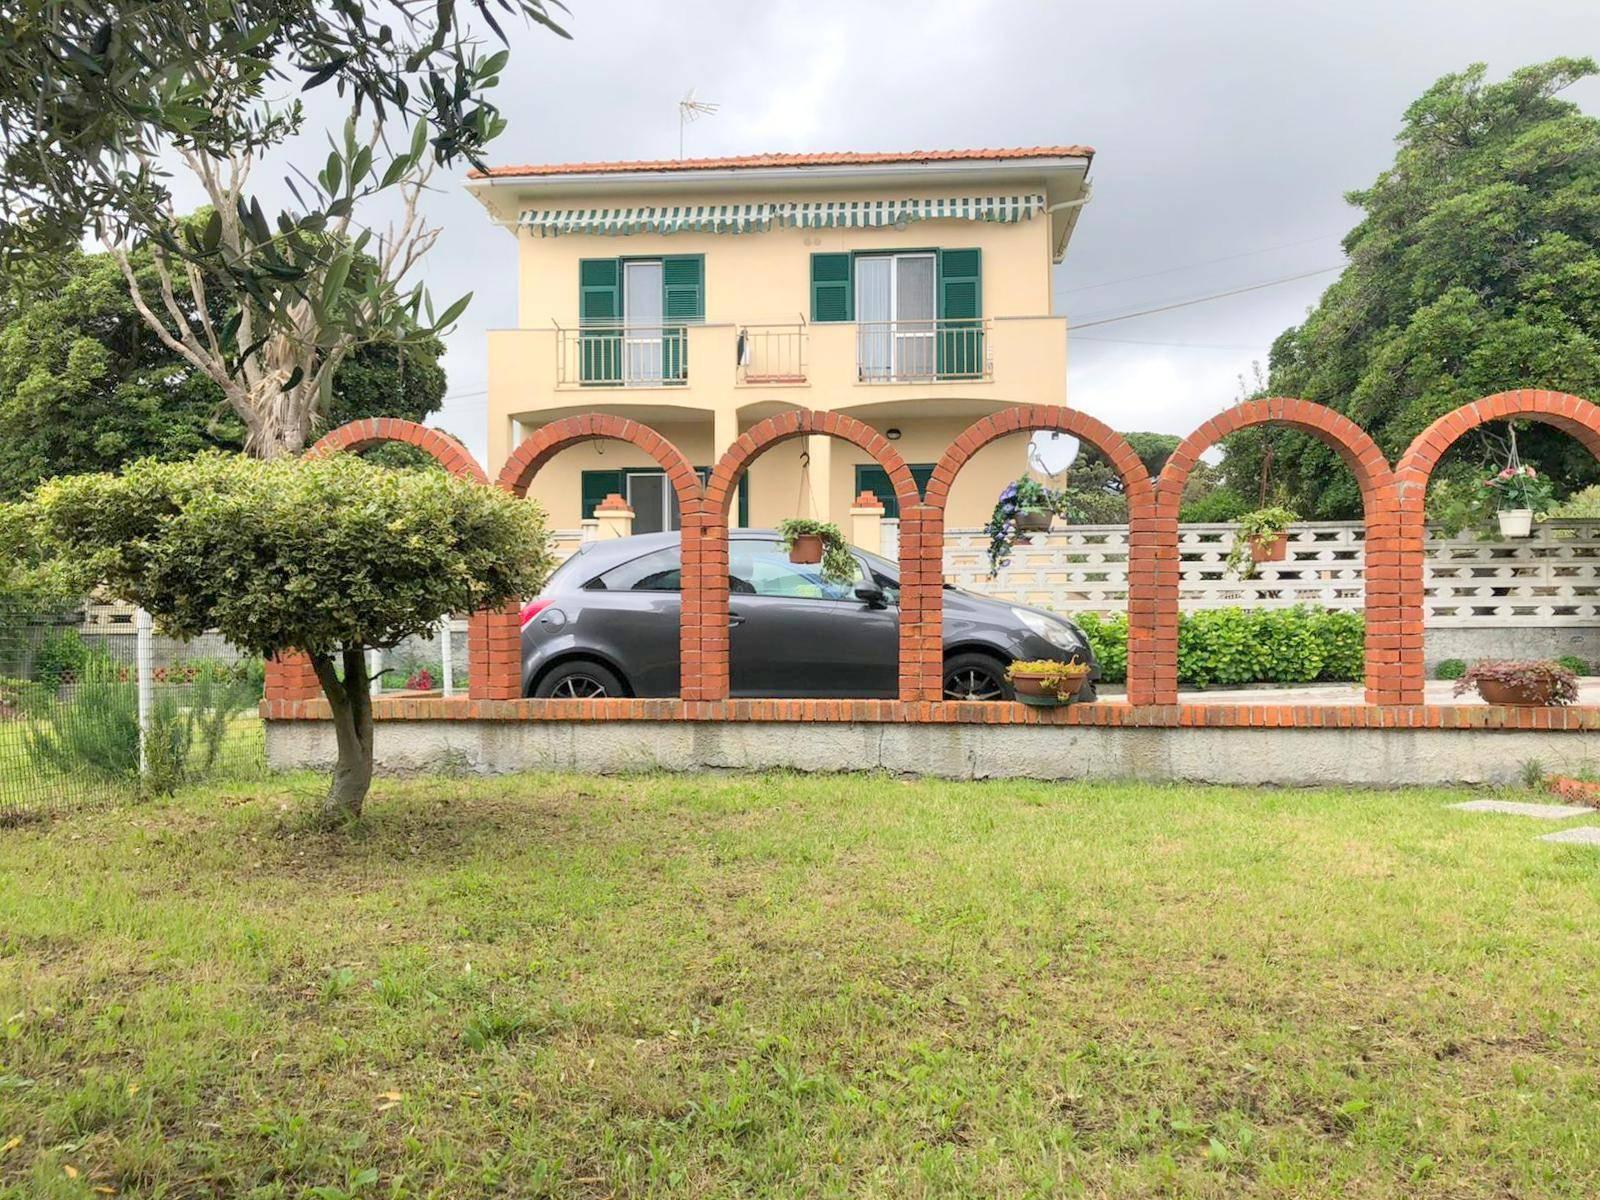 Appartamento in vendita a Celle Ligure, 5 locali, prezzo € 360.000 | PortaleAgenzieImmobiliari.it